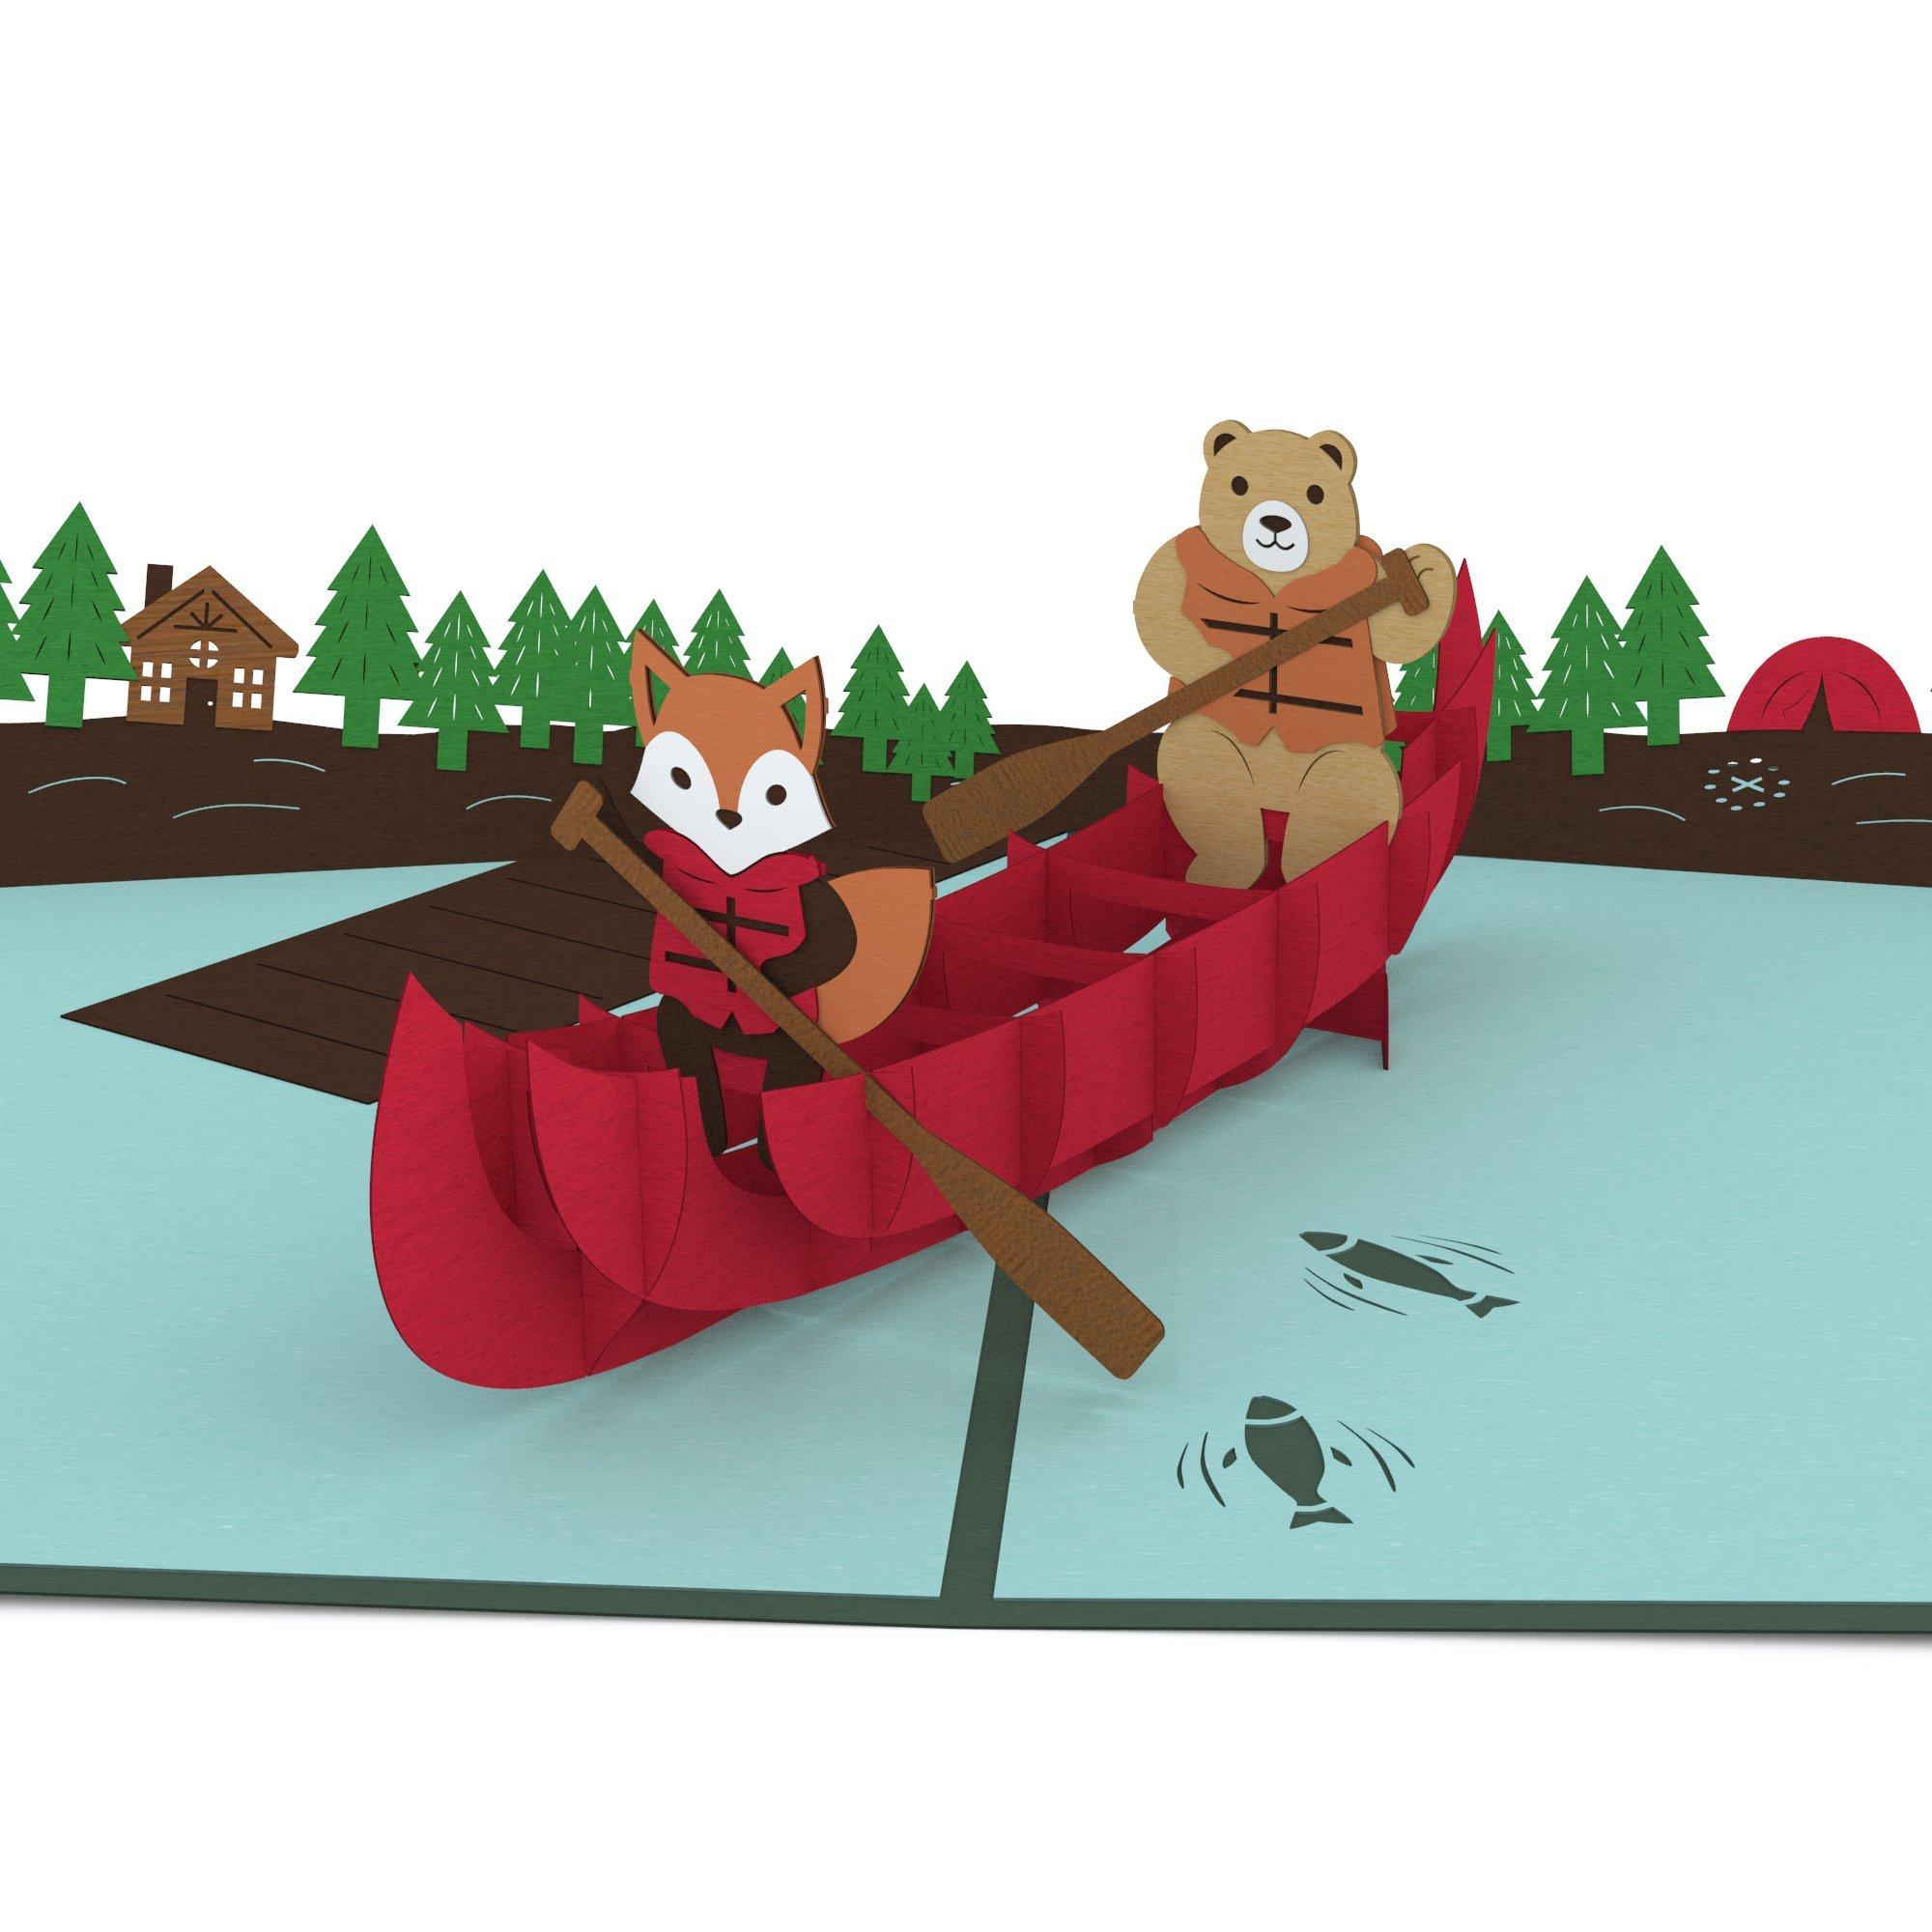 Lovepop Canoe Pop Up Card, 3D Card, Birthday Day Card, Outdoors Card